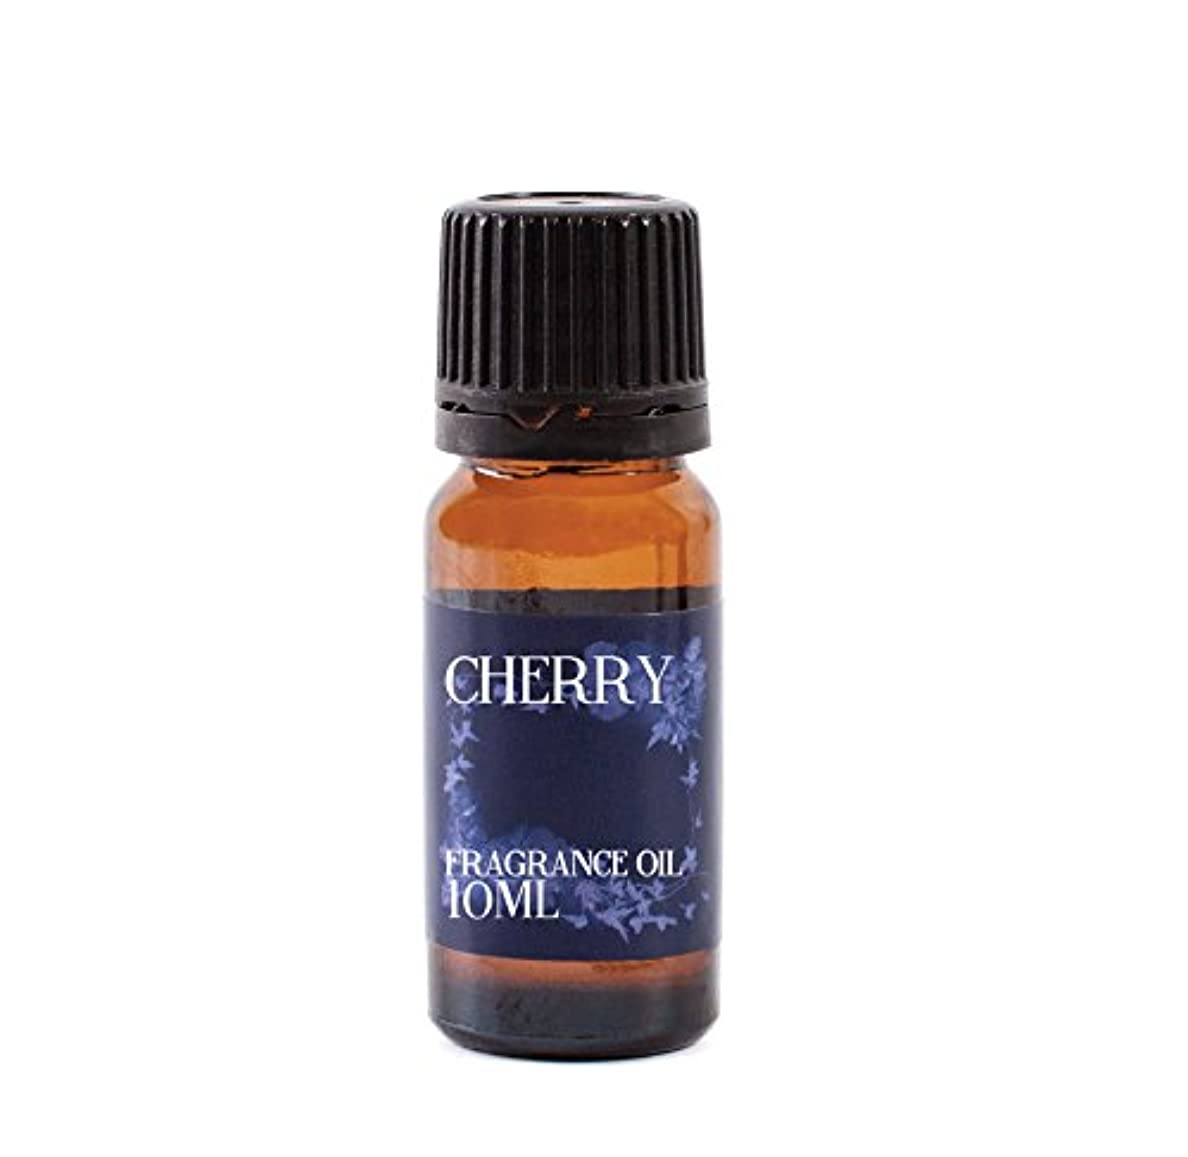 参照アレキサンダーグラハムベル強化Mystic Moments | Cherry Fragrance Oil - 10ml